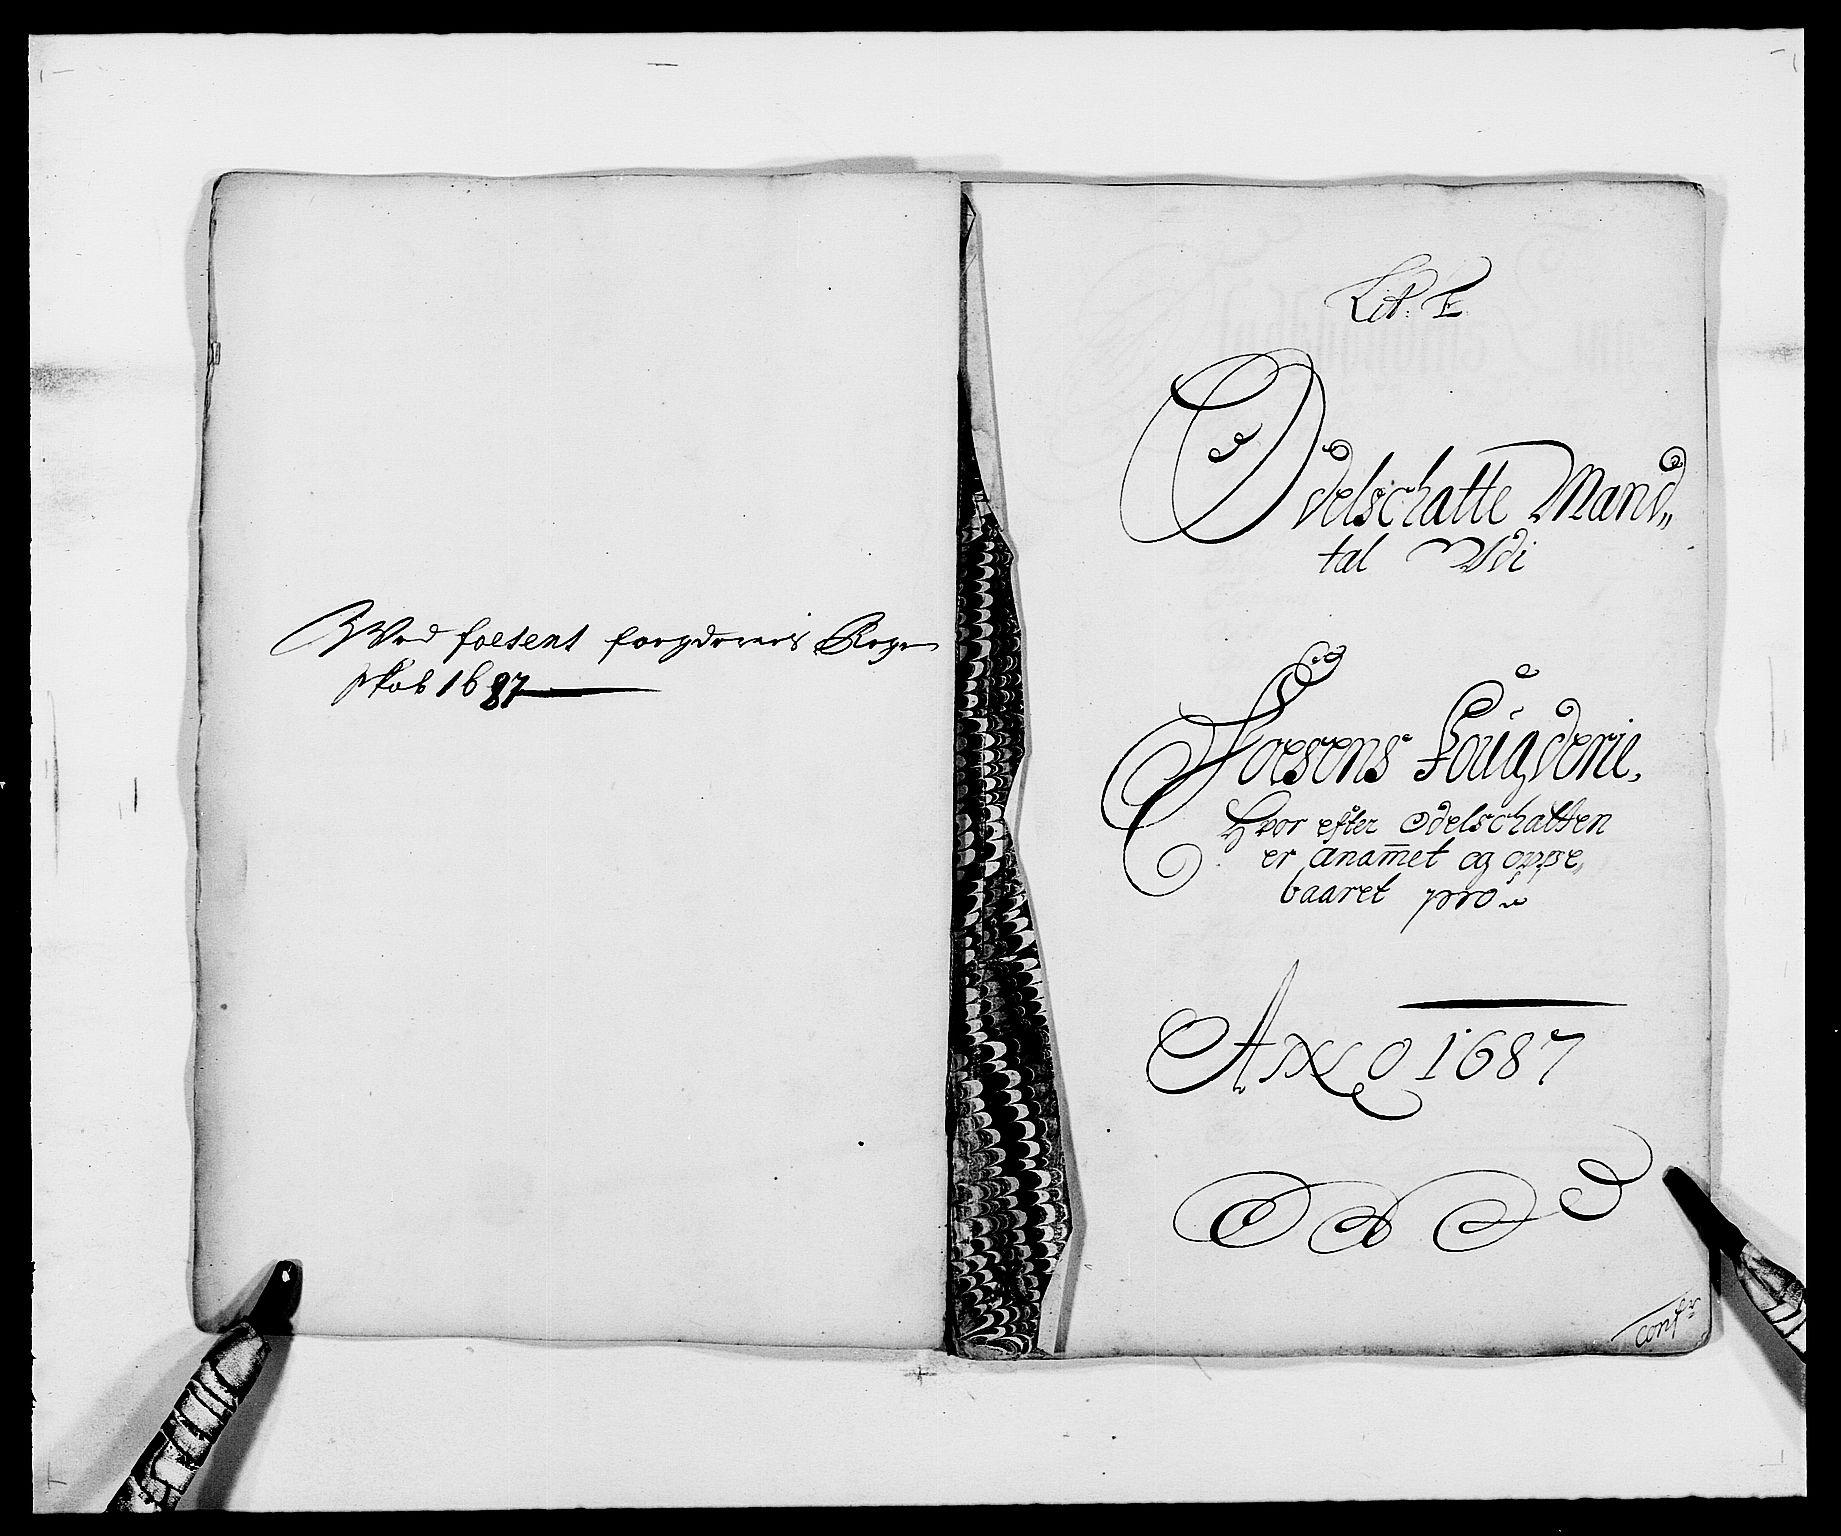 RA, Rentekammeret inntil 1814, Reviderte regnskaper, Fogderegnskap, R57/L3845: Fogderegnskap Fosen, 1687, s. 34